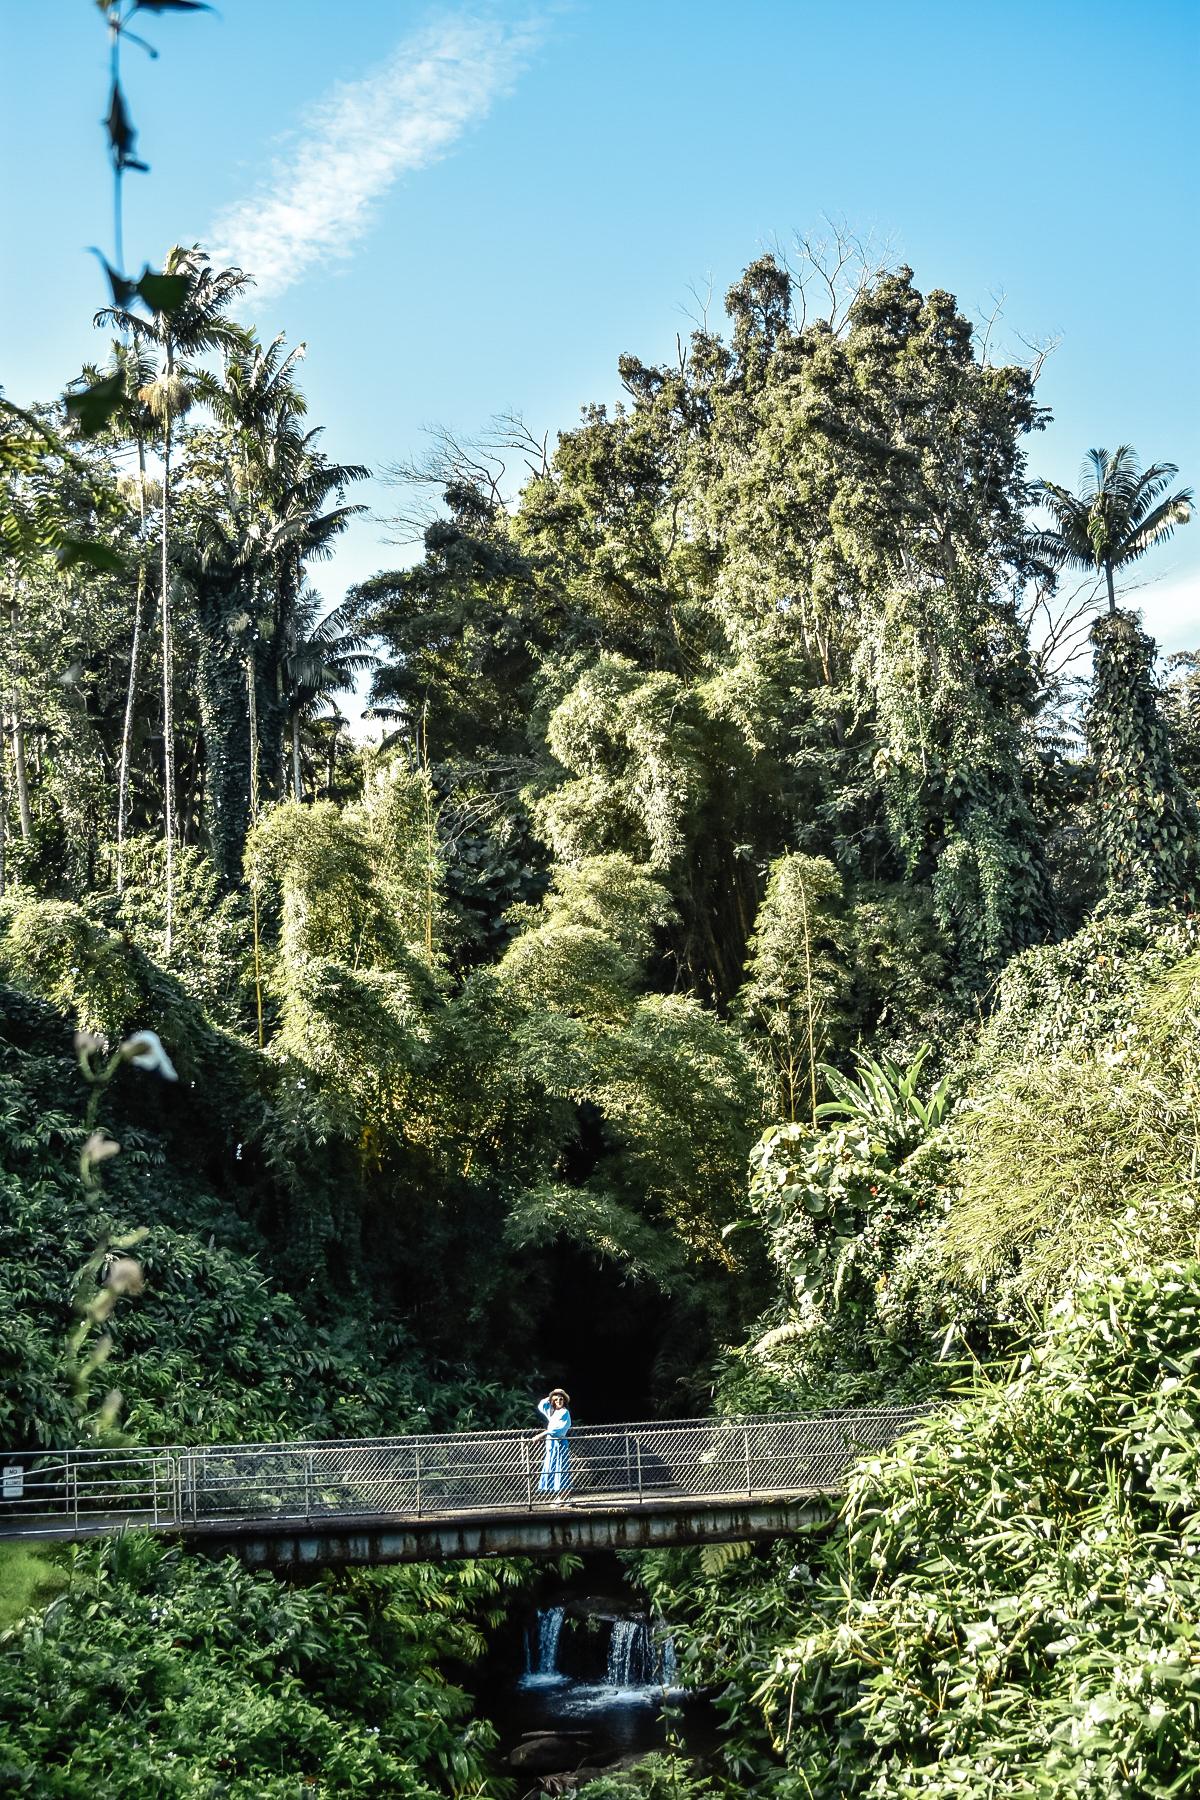 el-blog-de-silvia-blusa-azul-viaje-hawaii-04